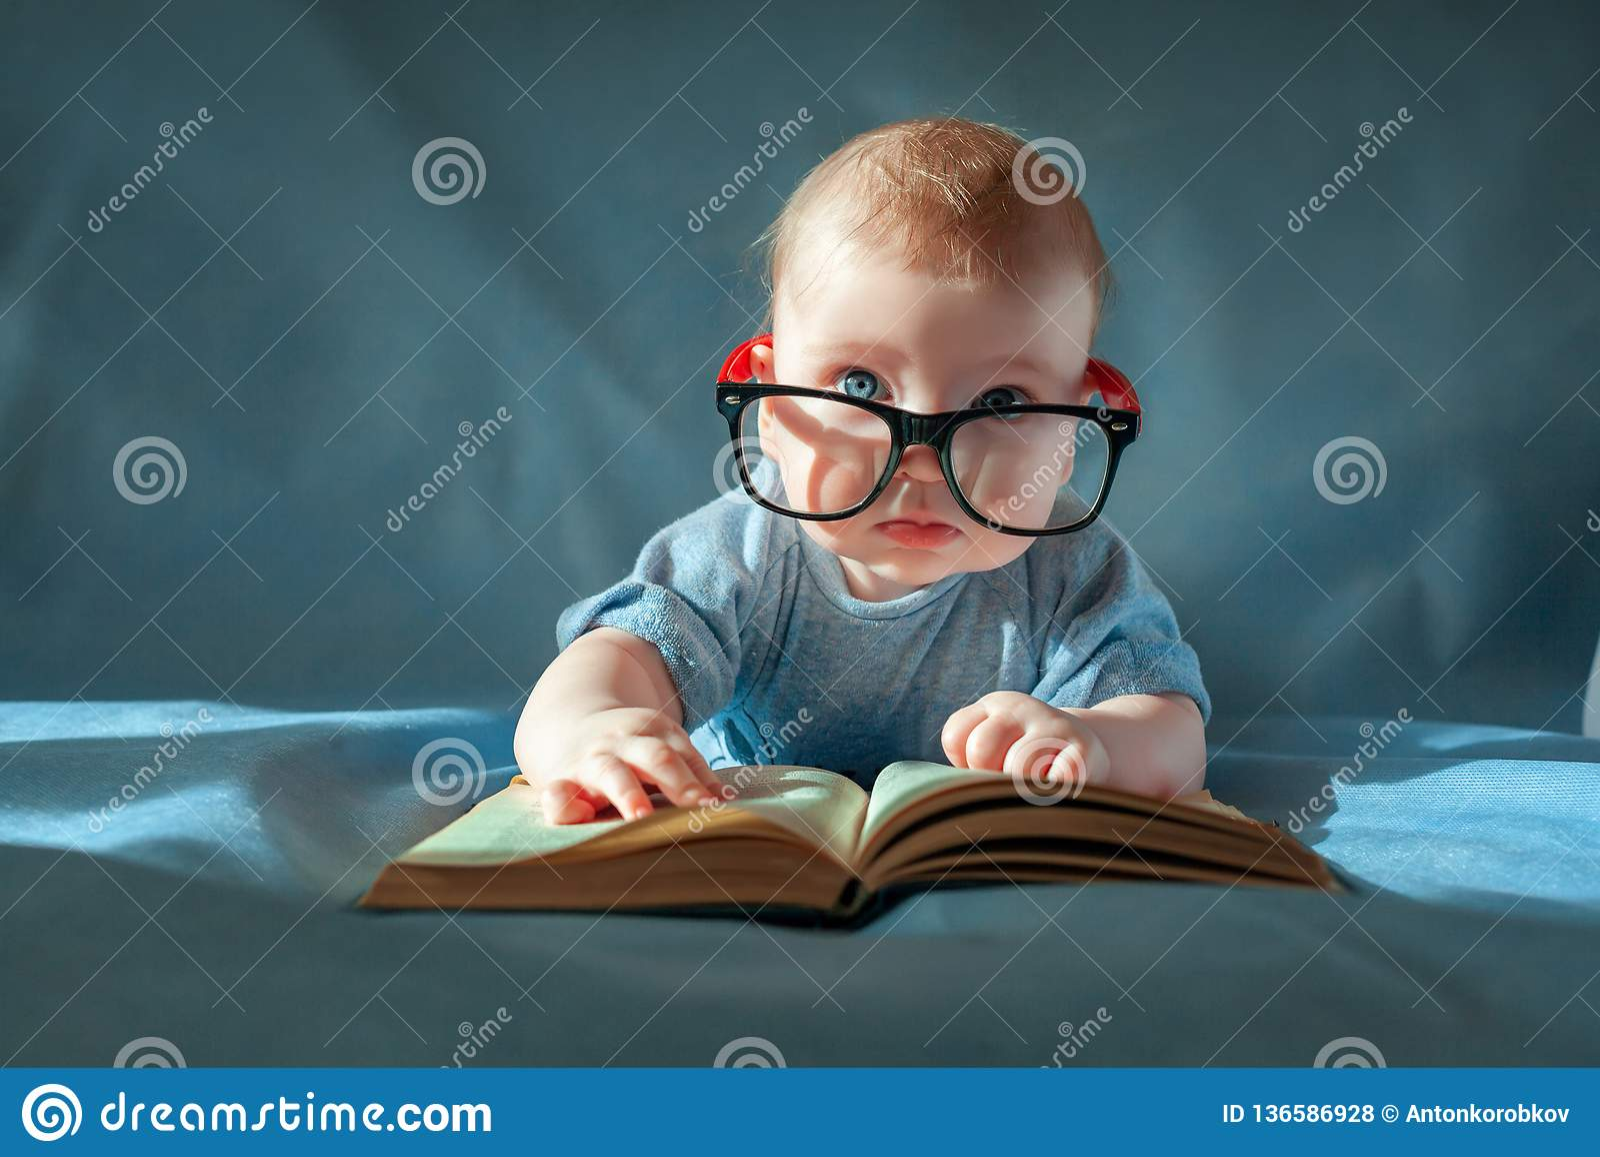 Grappig portret van leuke baby in glazen De baby ligt op zijn maag en leest een oud boek op een blauwe achtergrond